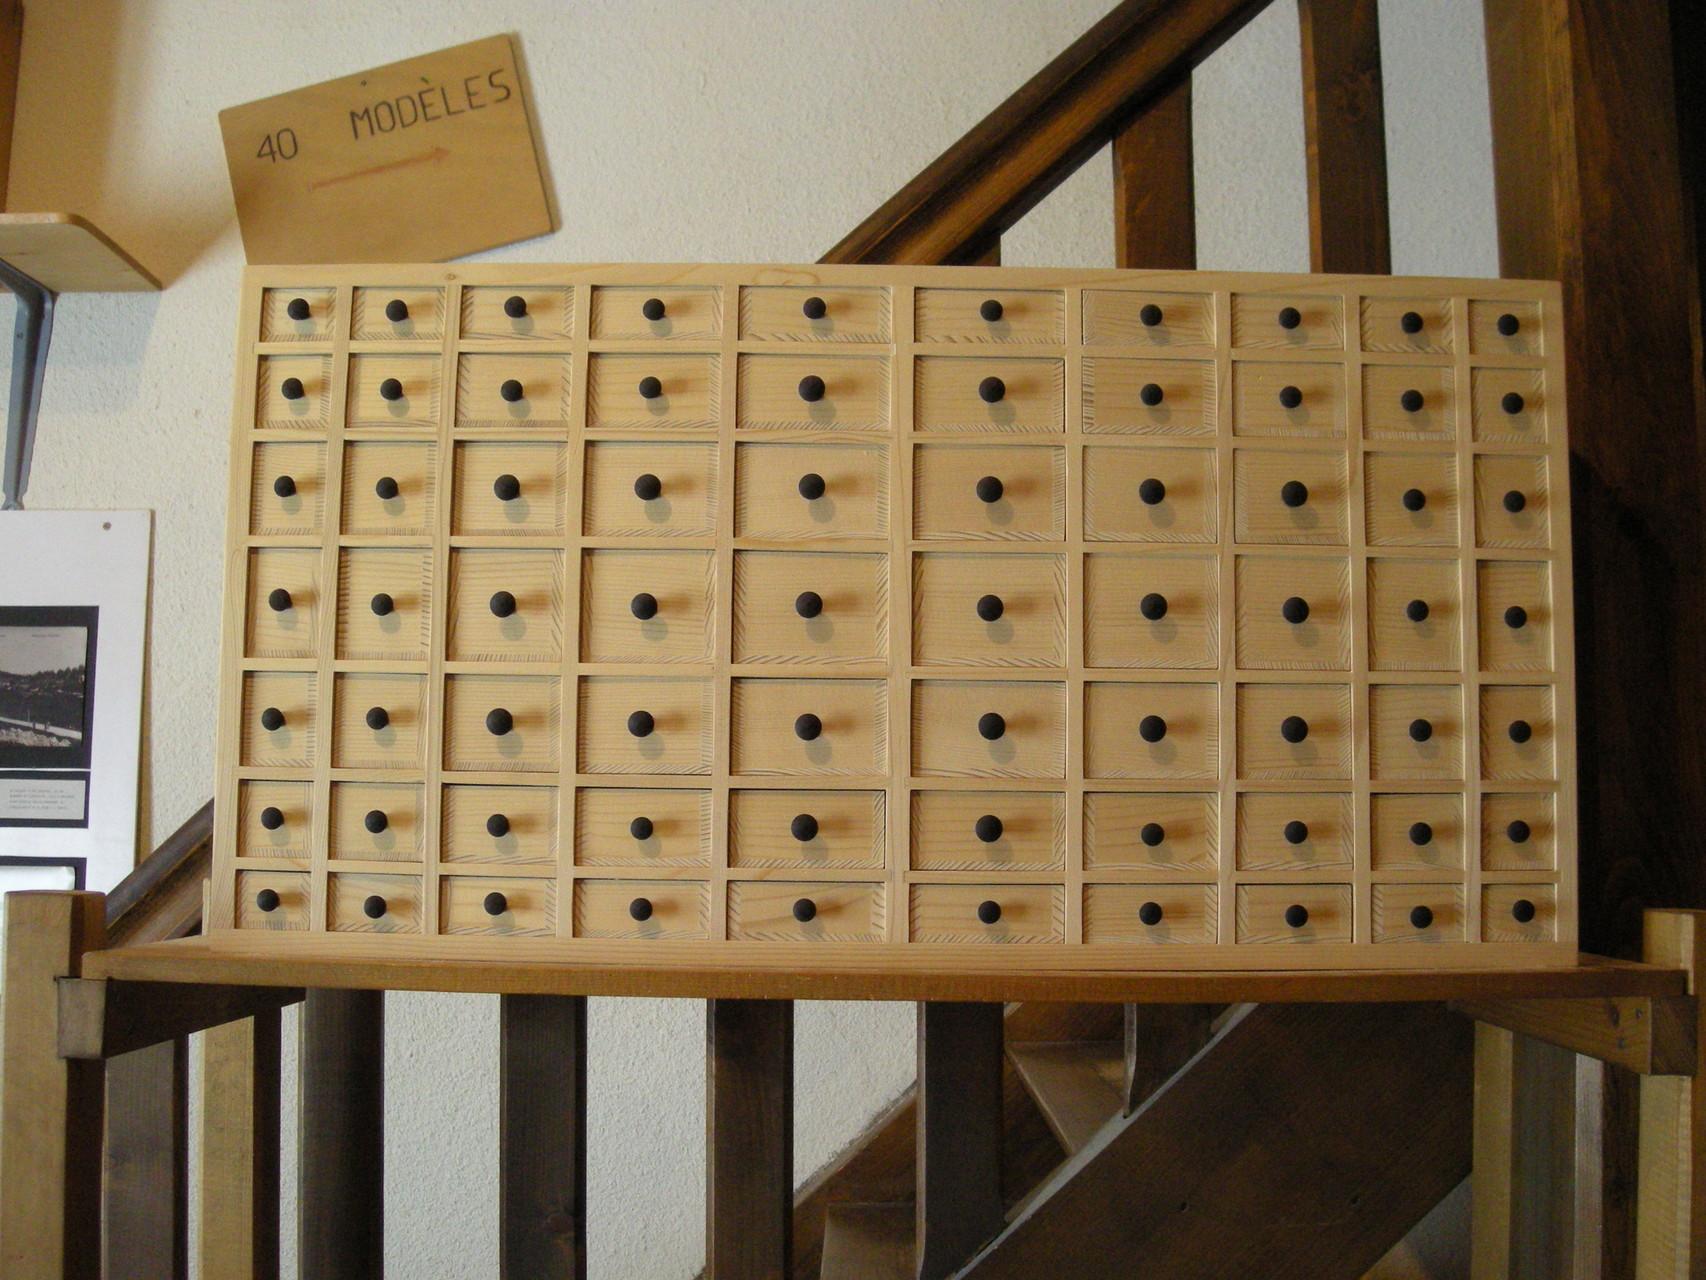 70 tiroirs ! cadeau pour les 70 ans d'un papy.